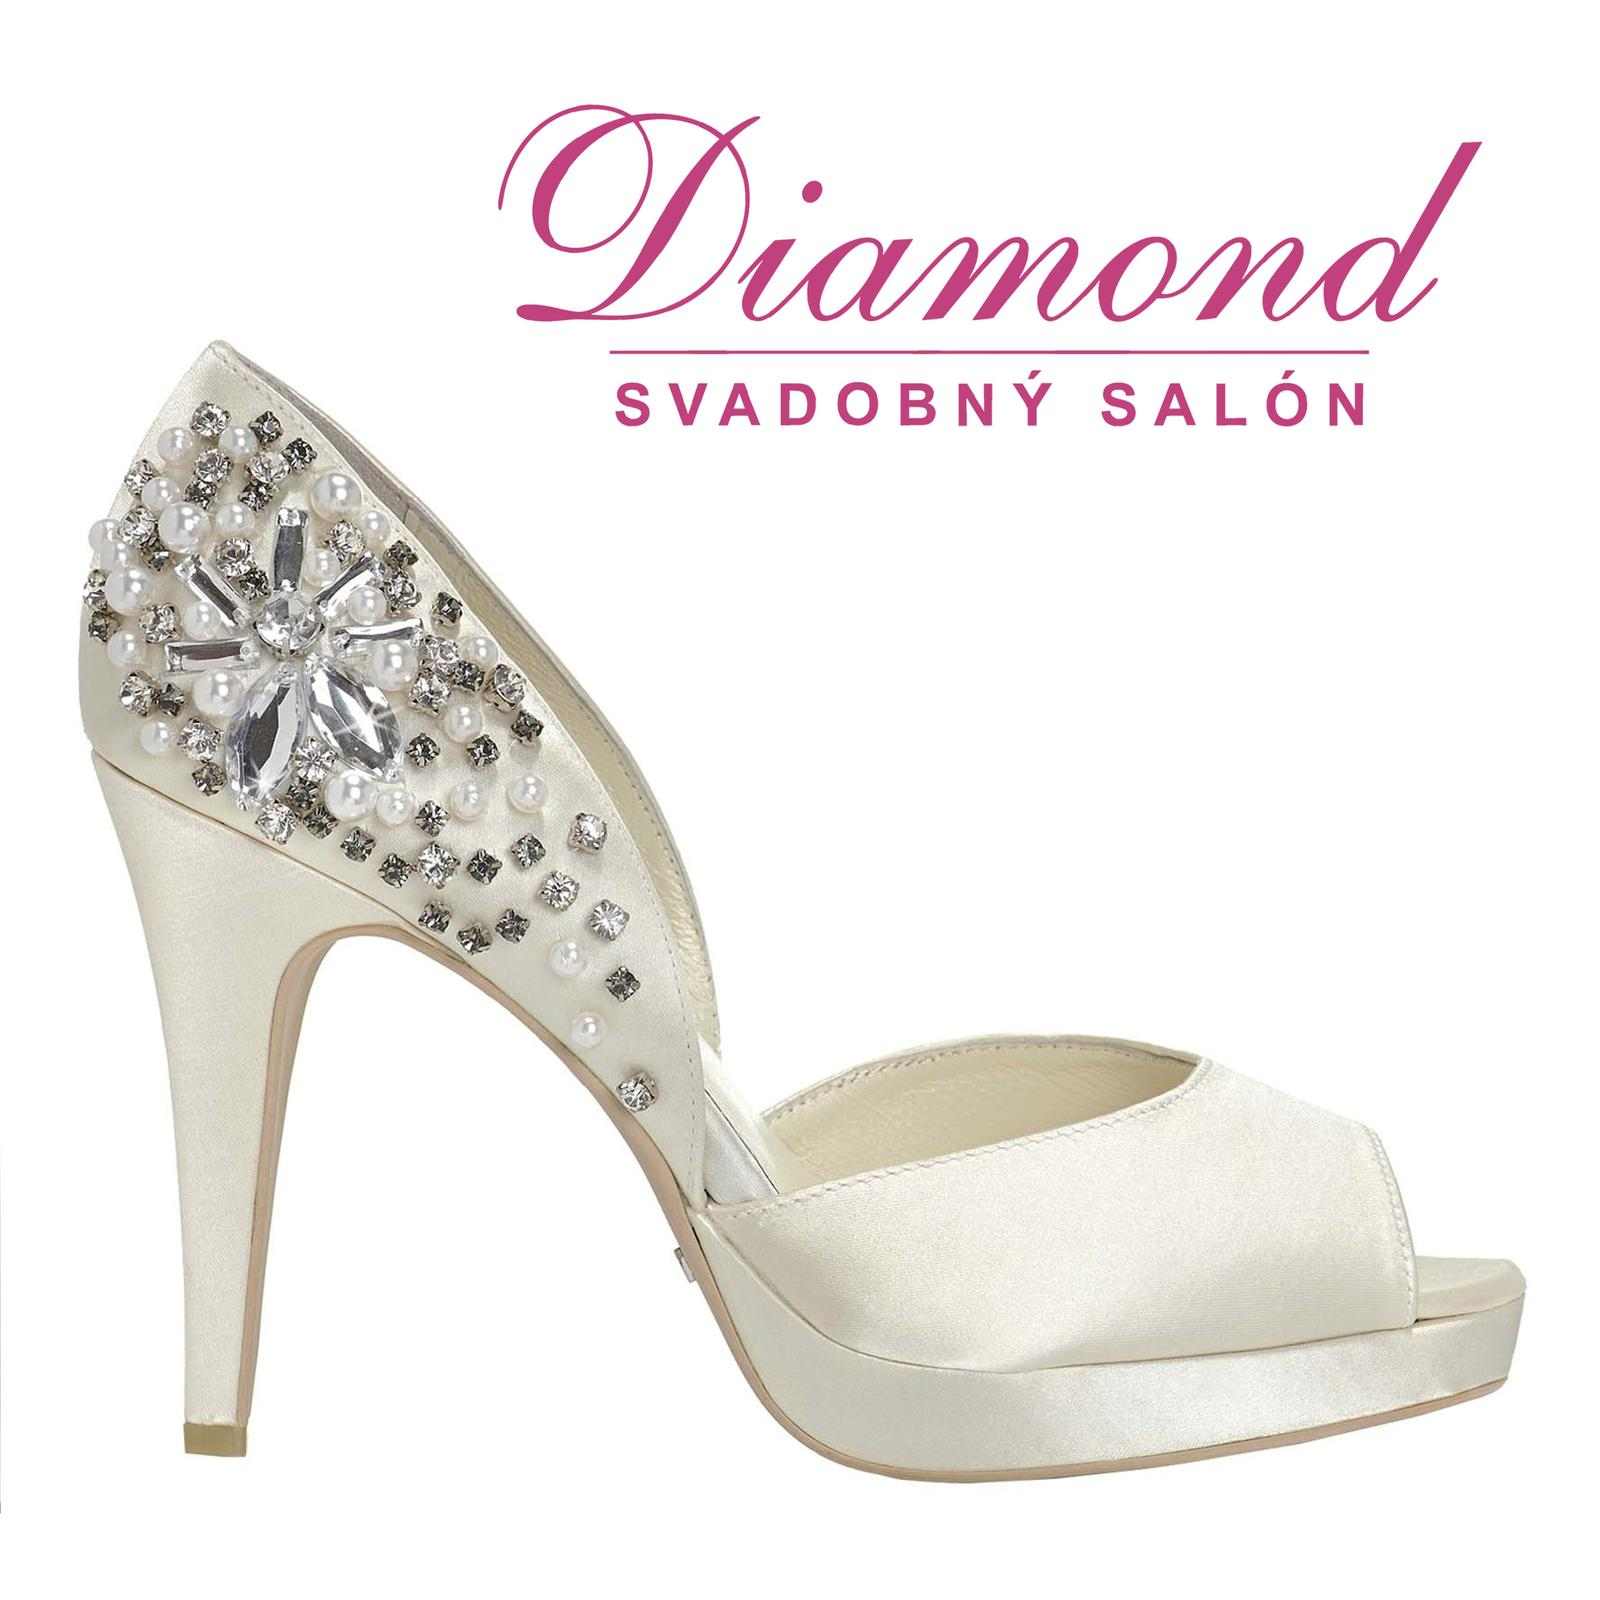 Svadobné topánky Talo (4204) - Obrázok č. 1